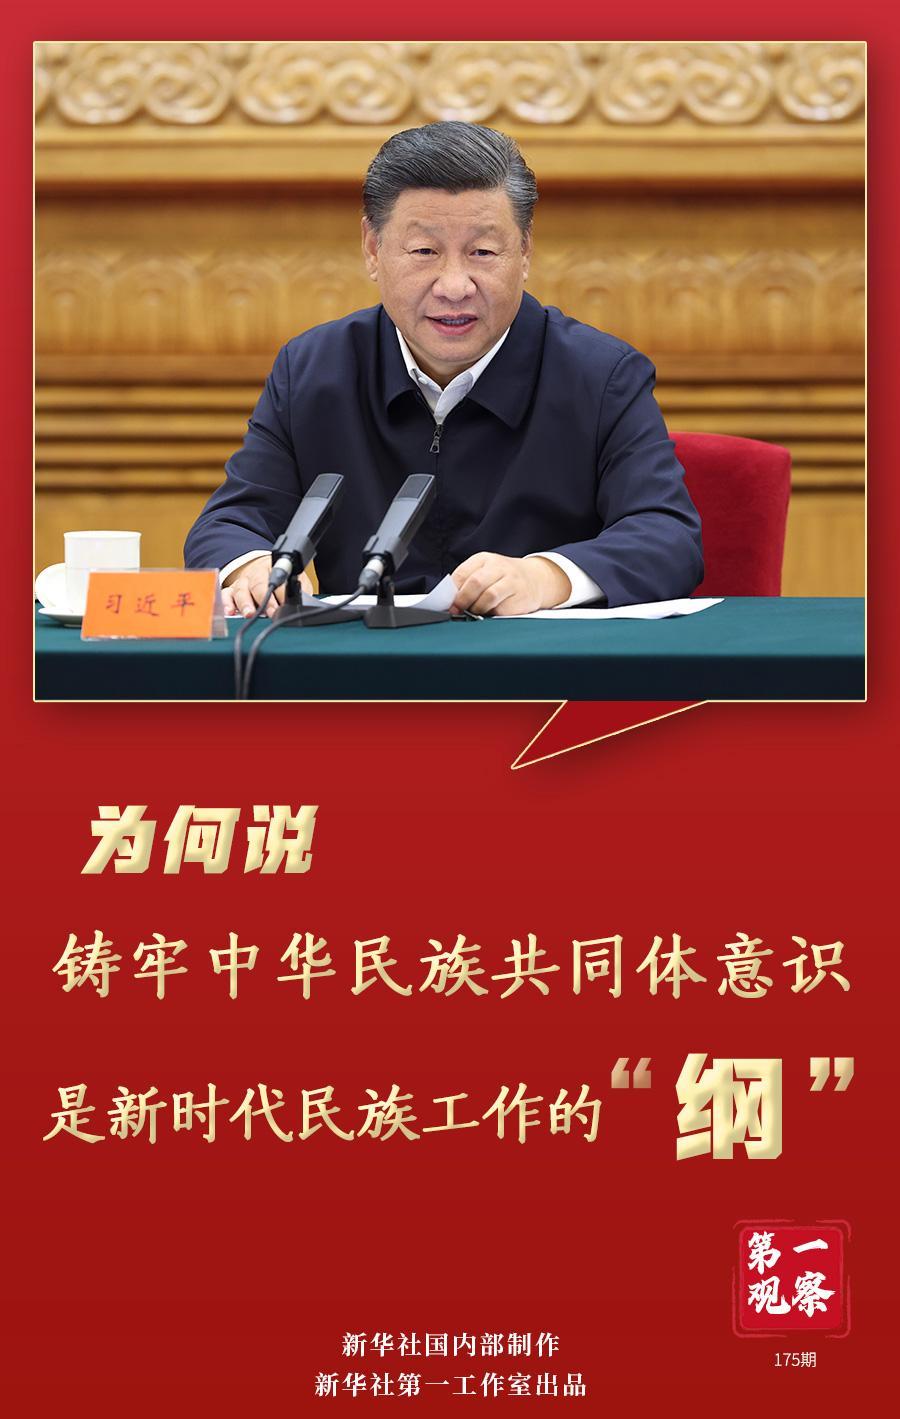 为何说铸牢中华民族共同体意识是新时代民族工作的